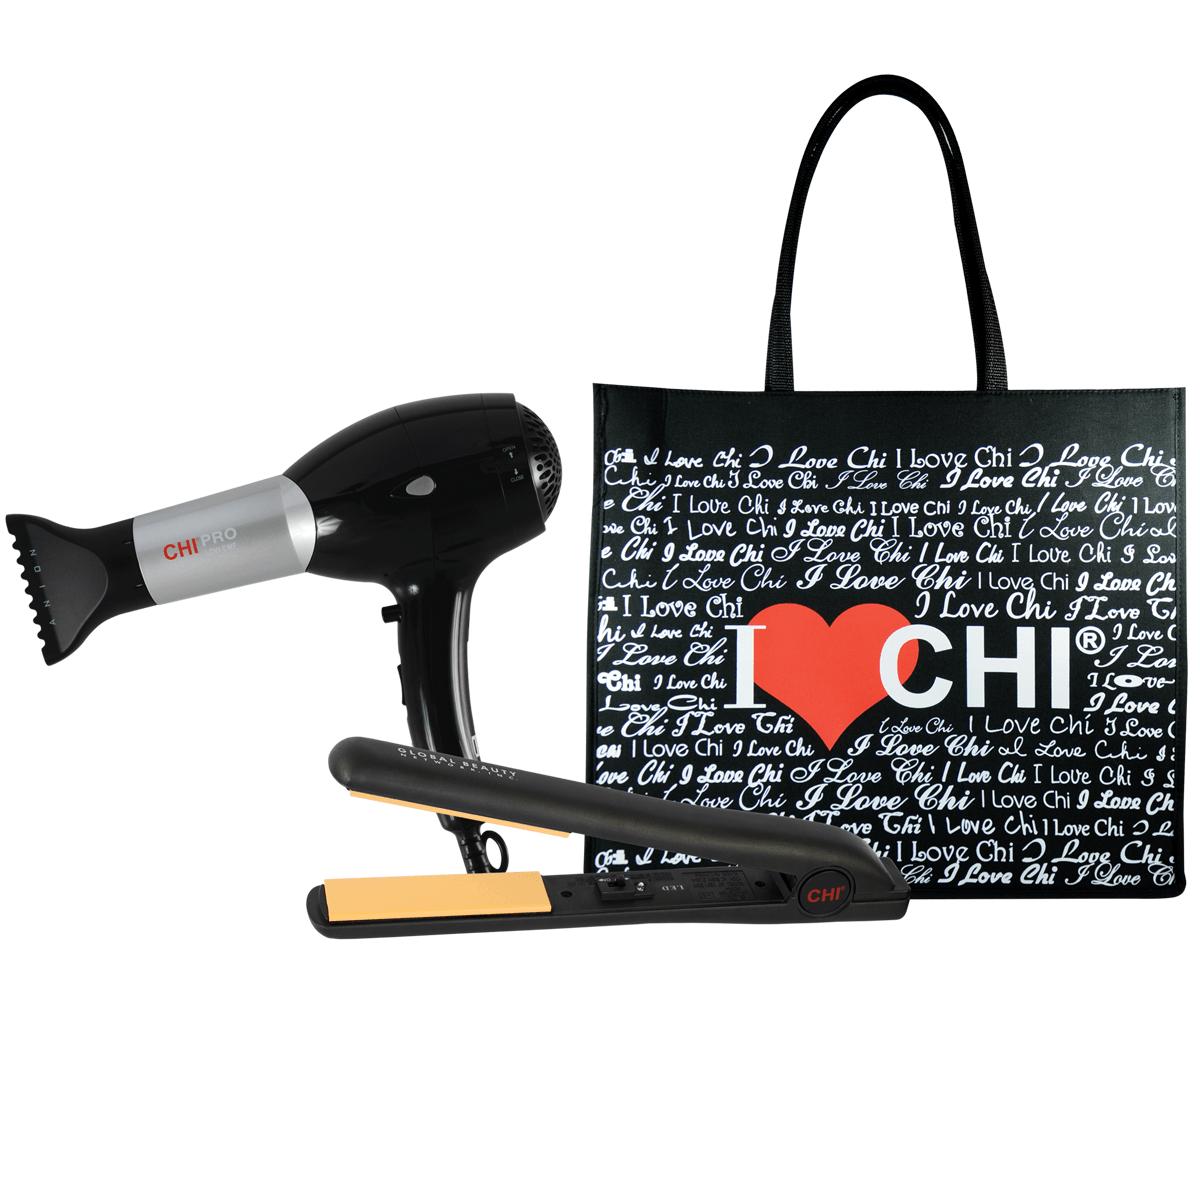 I Love CHI Forever Kit